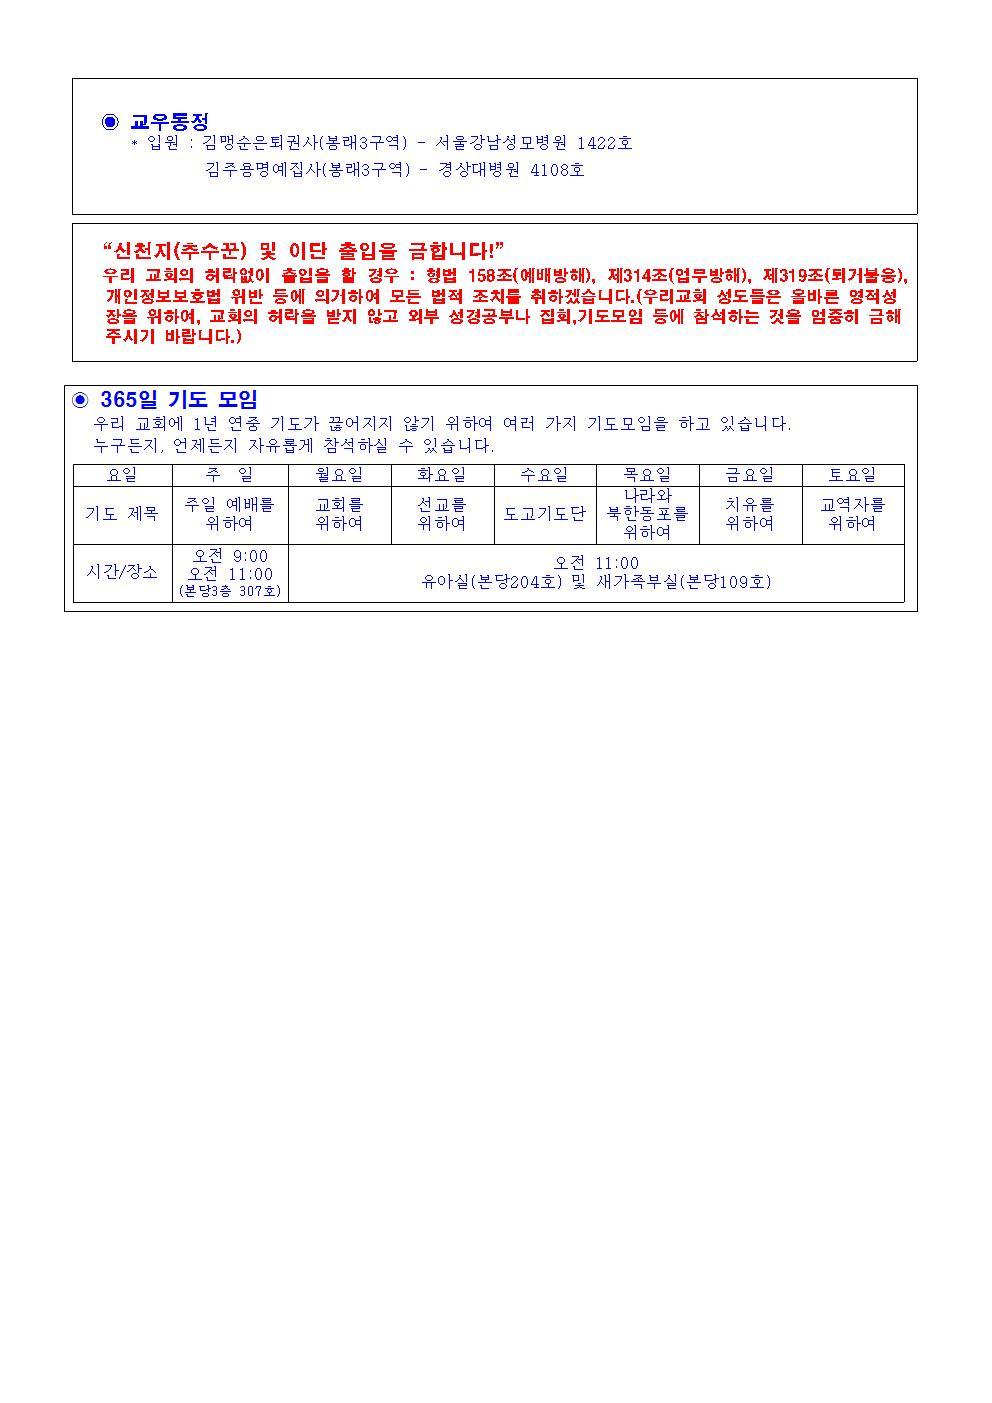 2017년 4월 30일 교회소식002.jpg